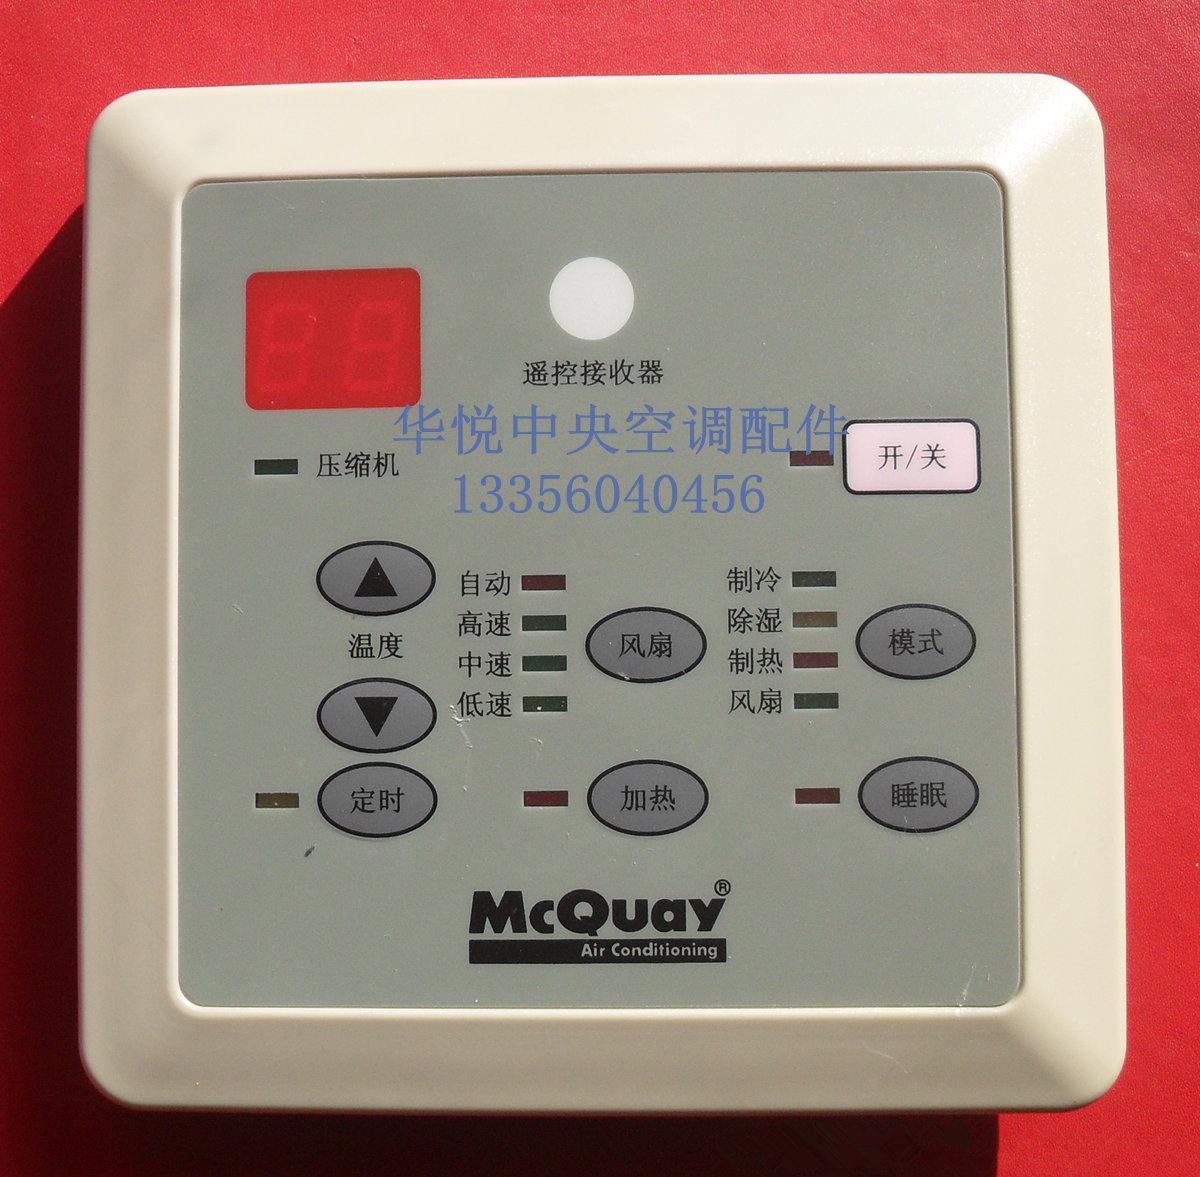 Запчасти для бытовой техники Компании McQuay Кондиционер slm15ap линии Регулятор ветра машина пробки для операции рука панели регулятор управления